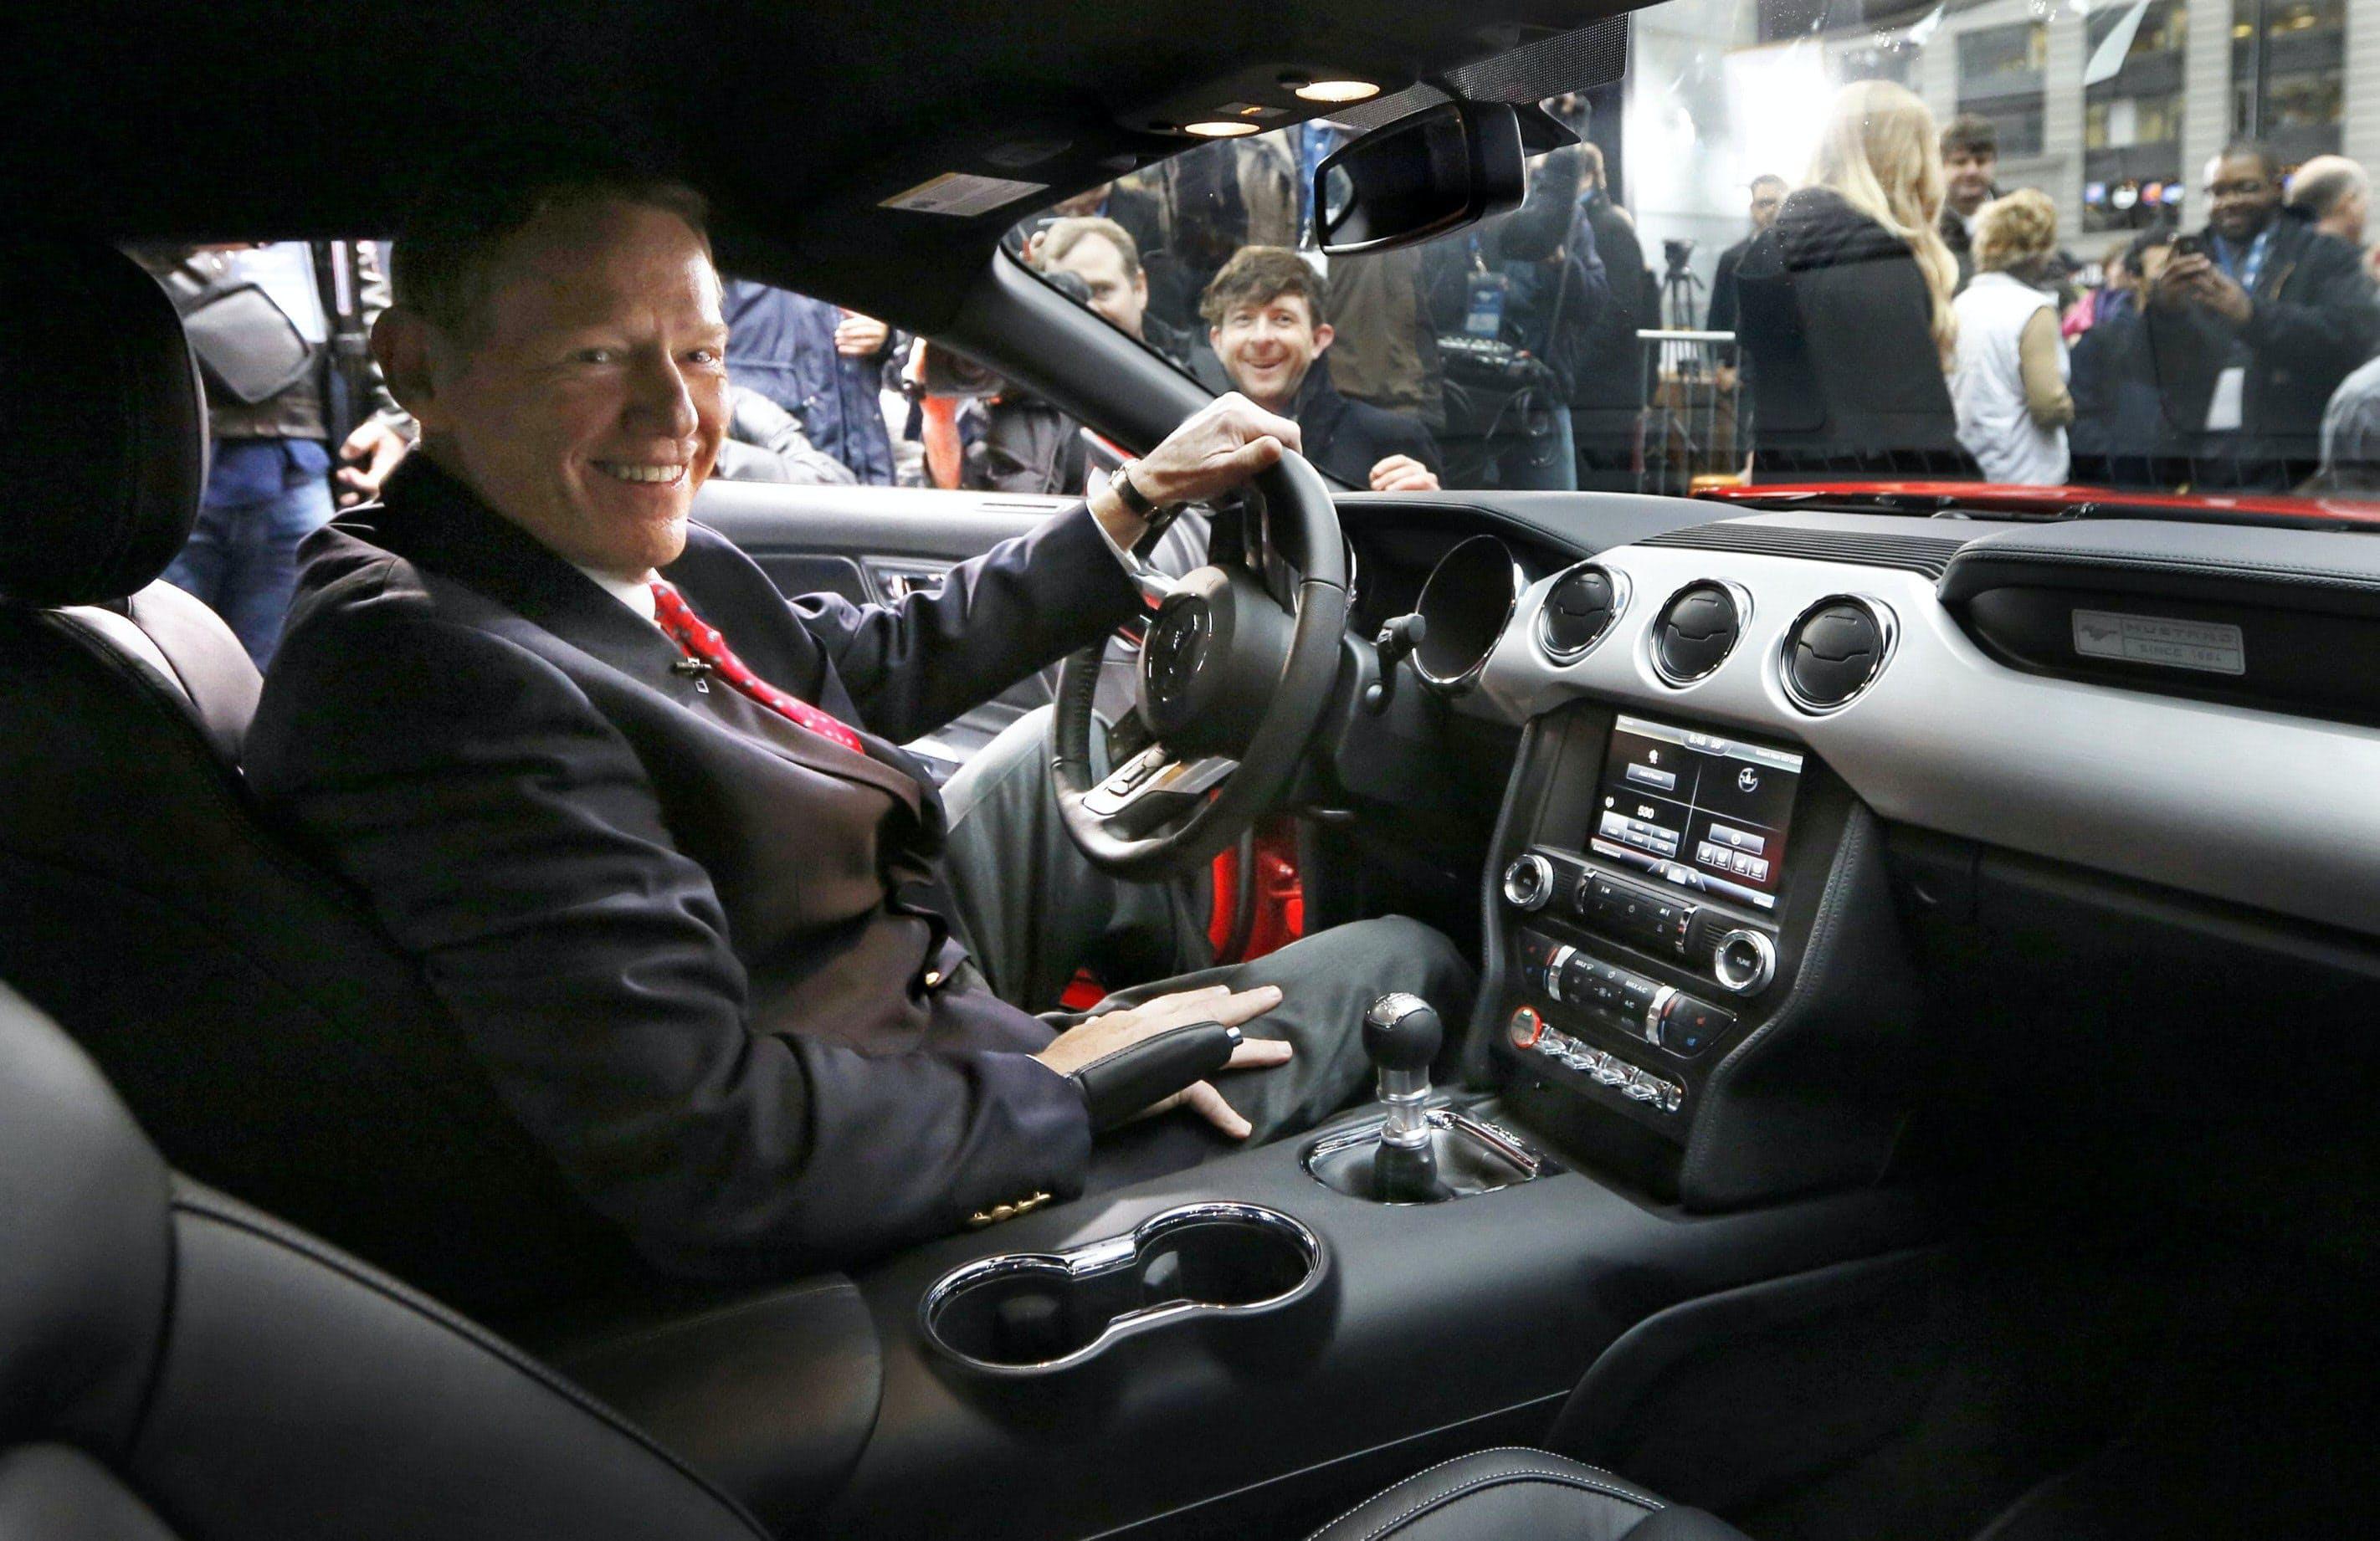 2015年モデルのマスタングに乗るフォードのムラーリーCEO(2013年12月5日、ニューヨーク)=ロイター